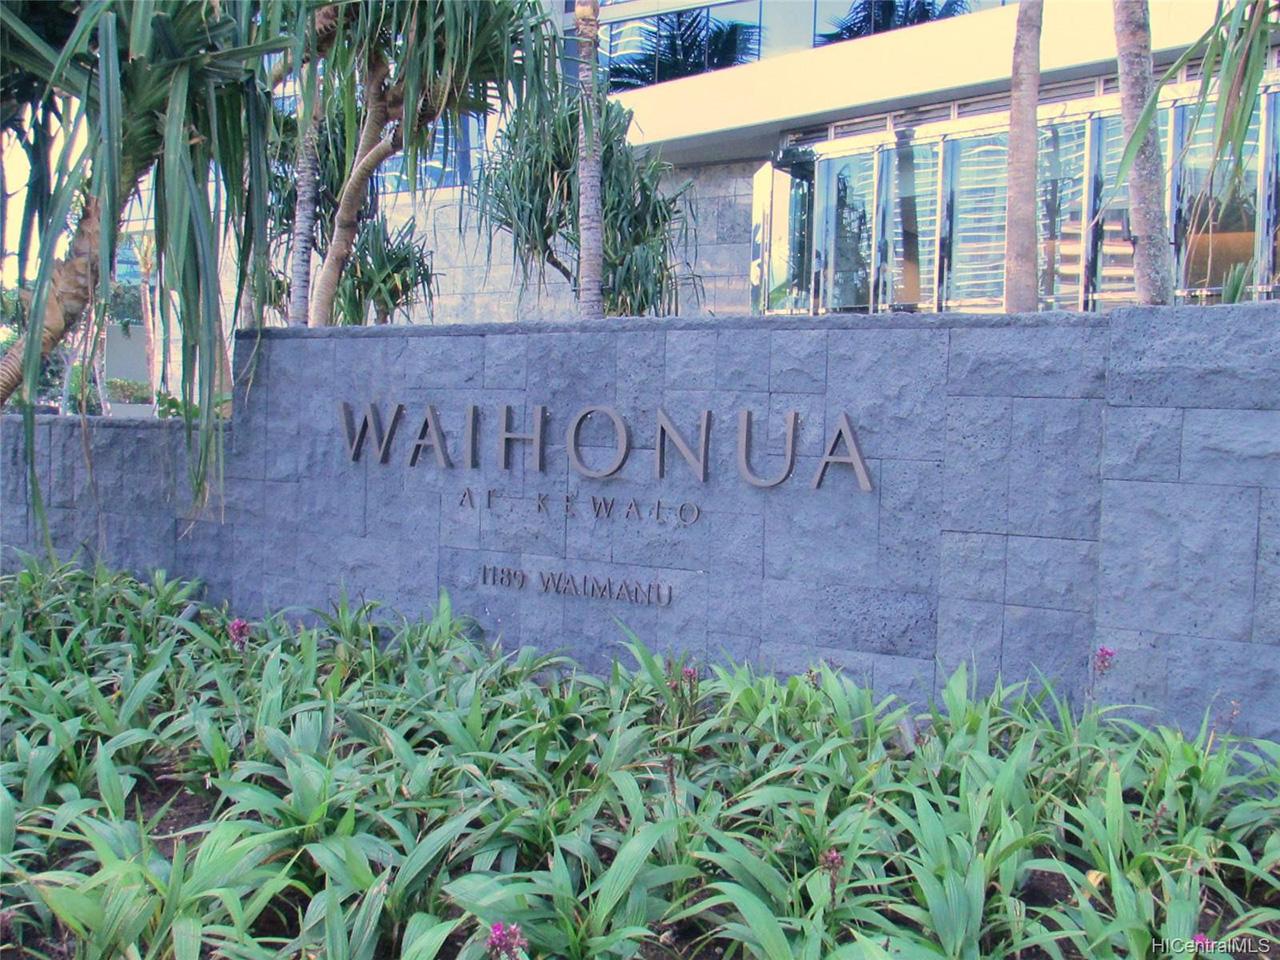 Waihonua 3402 | ワイホヌア3402 | ハワイ不動産 カイナハレ ハワイ